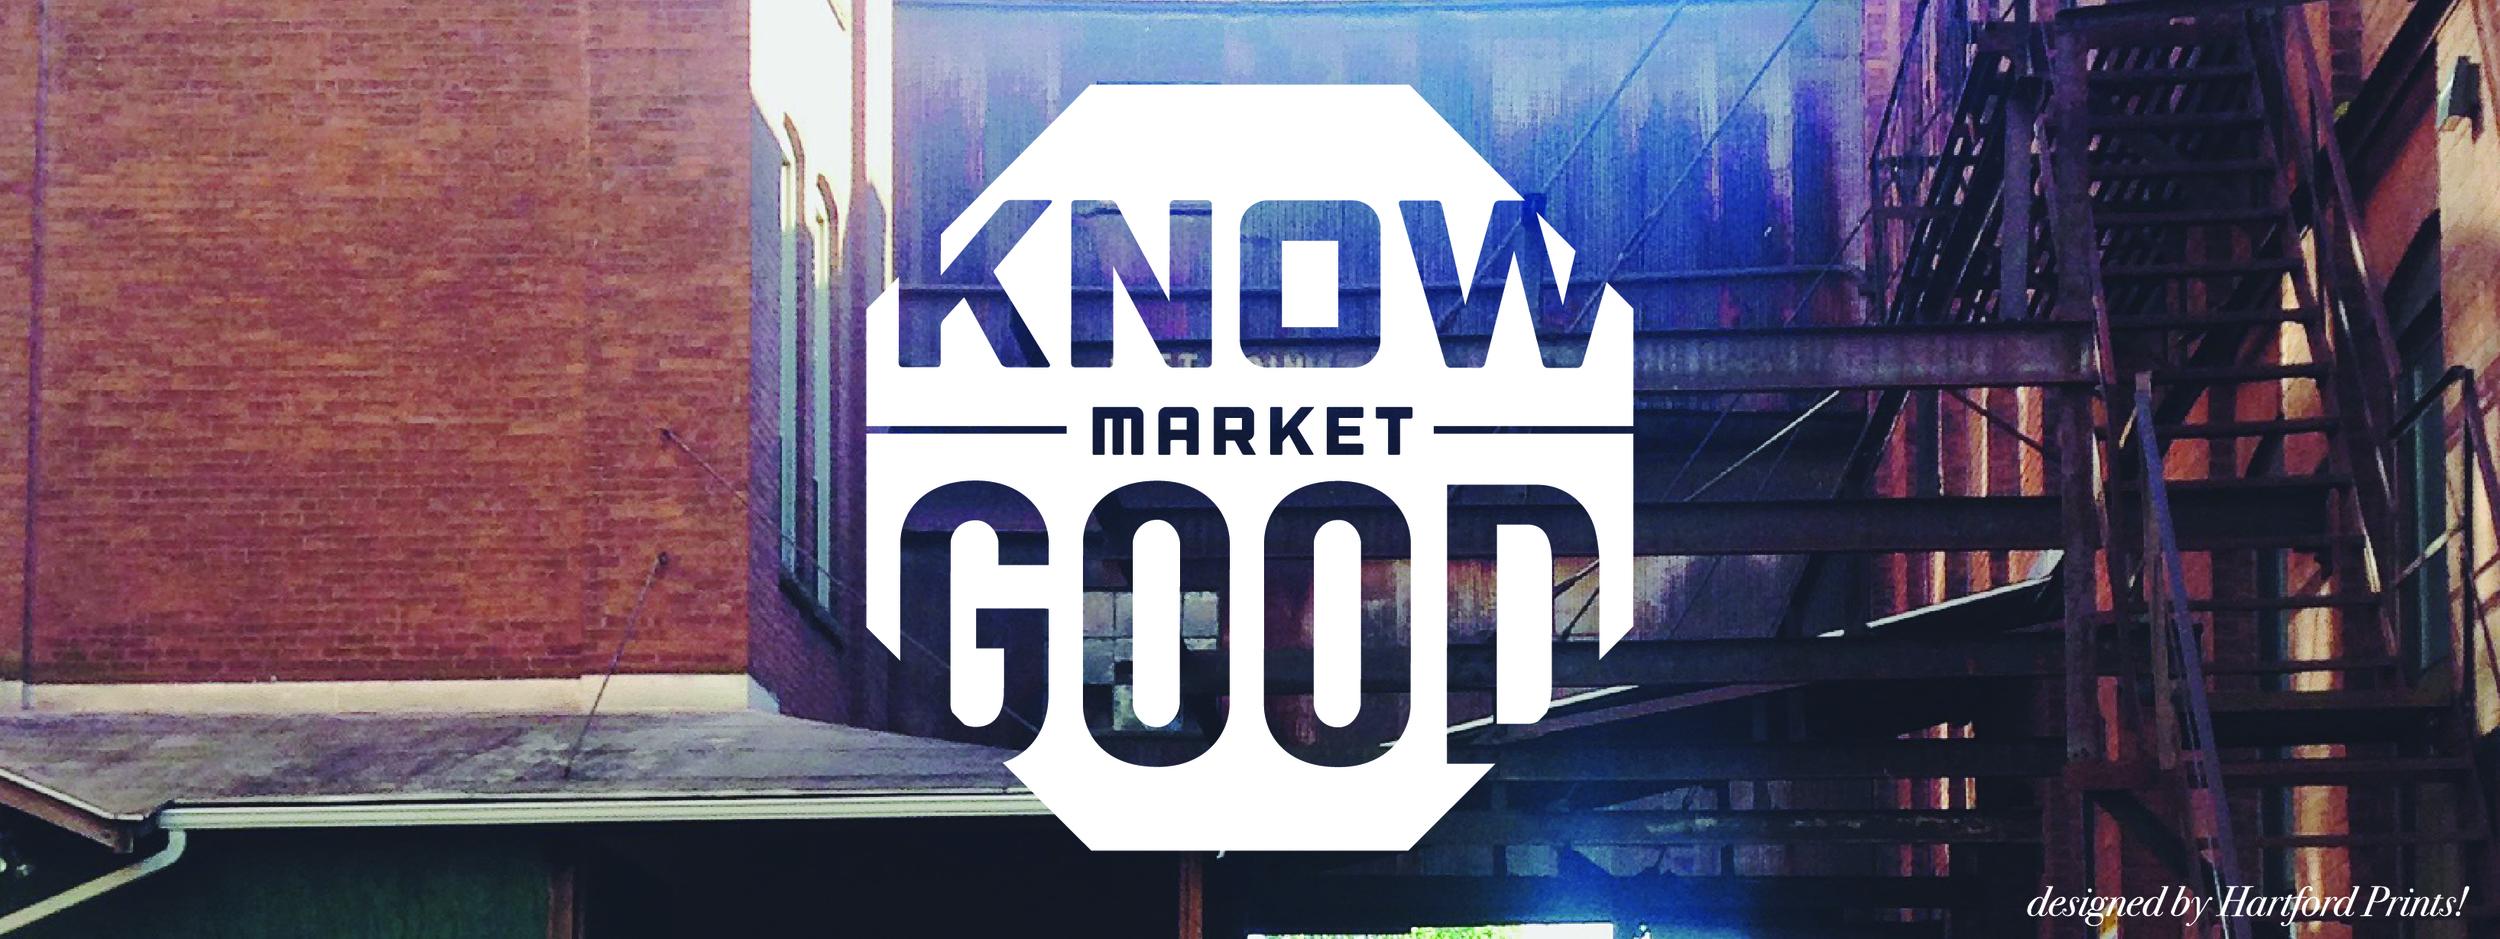 KNOW GOOD Market in Parkville, Hartford, CT